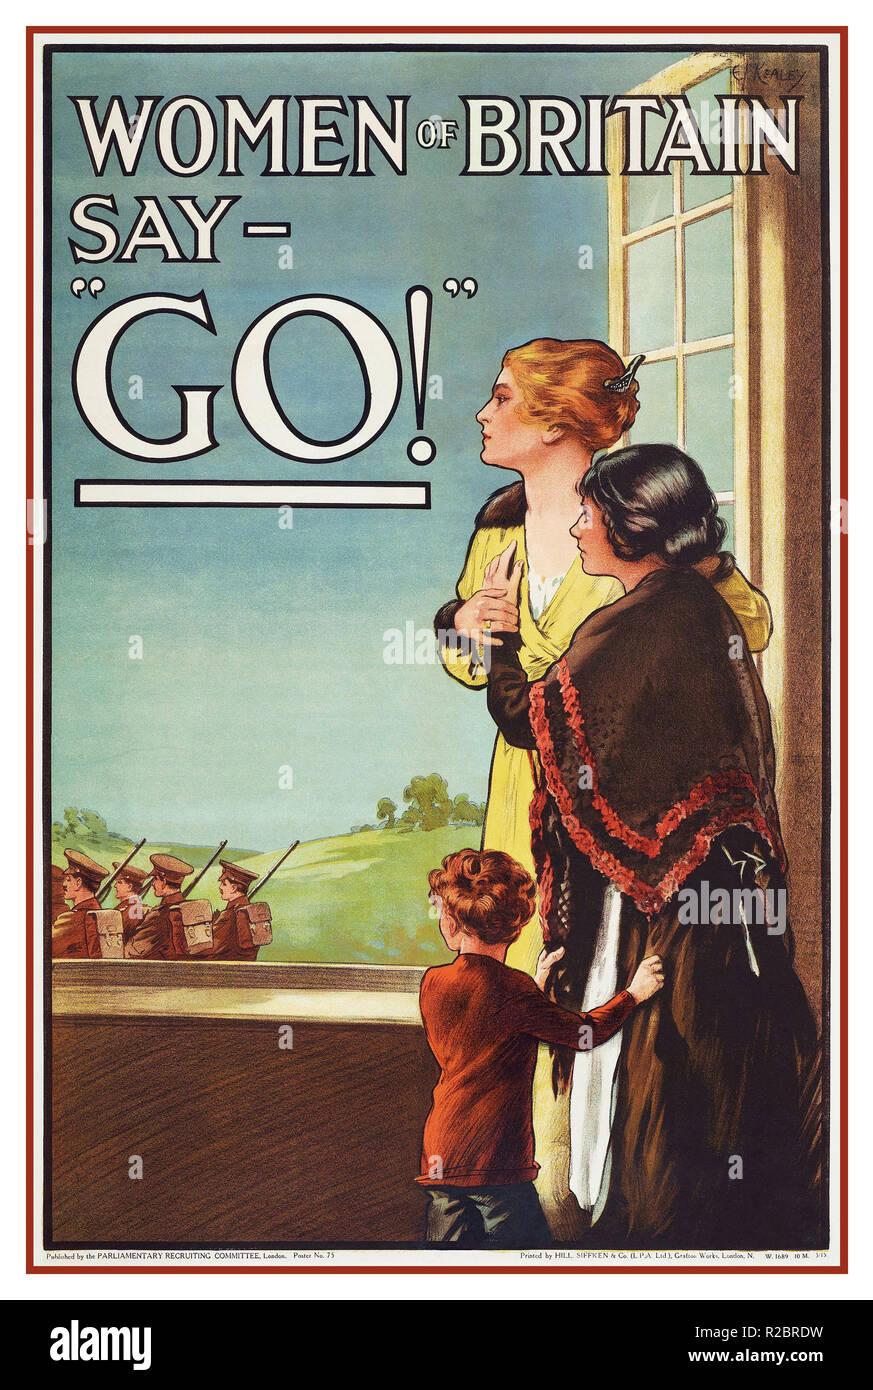 """Vintage 1915 WW1 cartel propagandístico, """"Mujeres de Gran Bretaña dicen: 'Go!' ', de mayo de 1915, Reino Unido, por la contratación de Comité Parlamentario, Colina, Siffken & Co., Departamento de Defensa, la Primera Guerra Mundial 1914-1918 Foto de stock"""